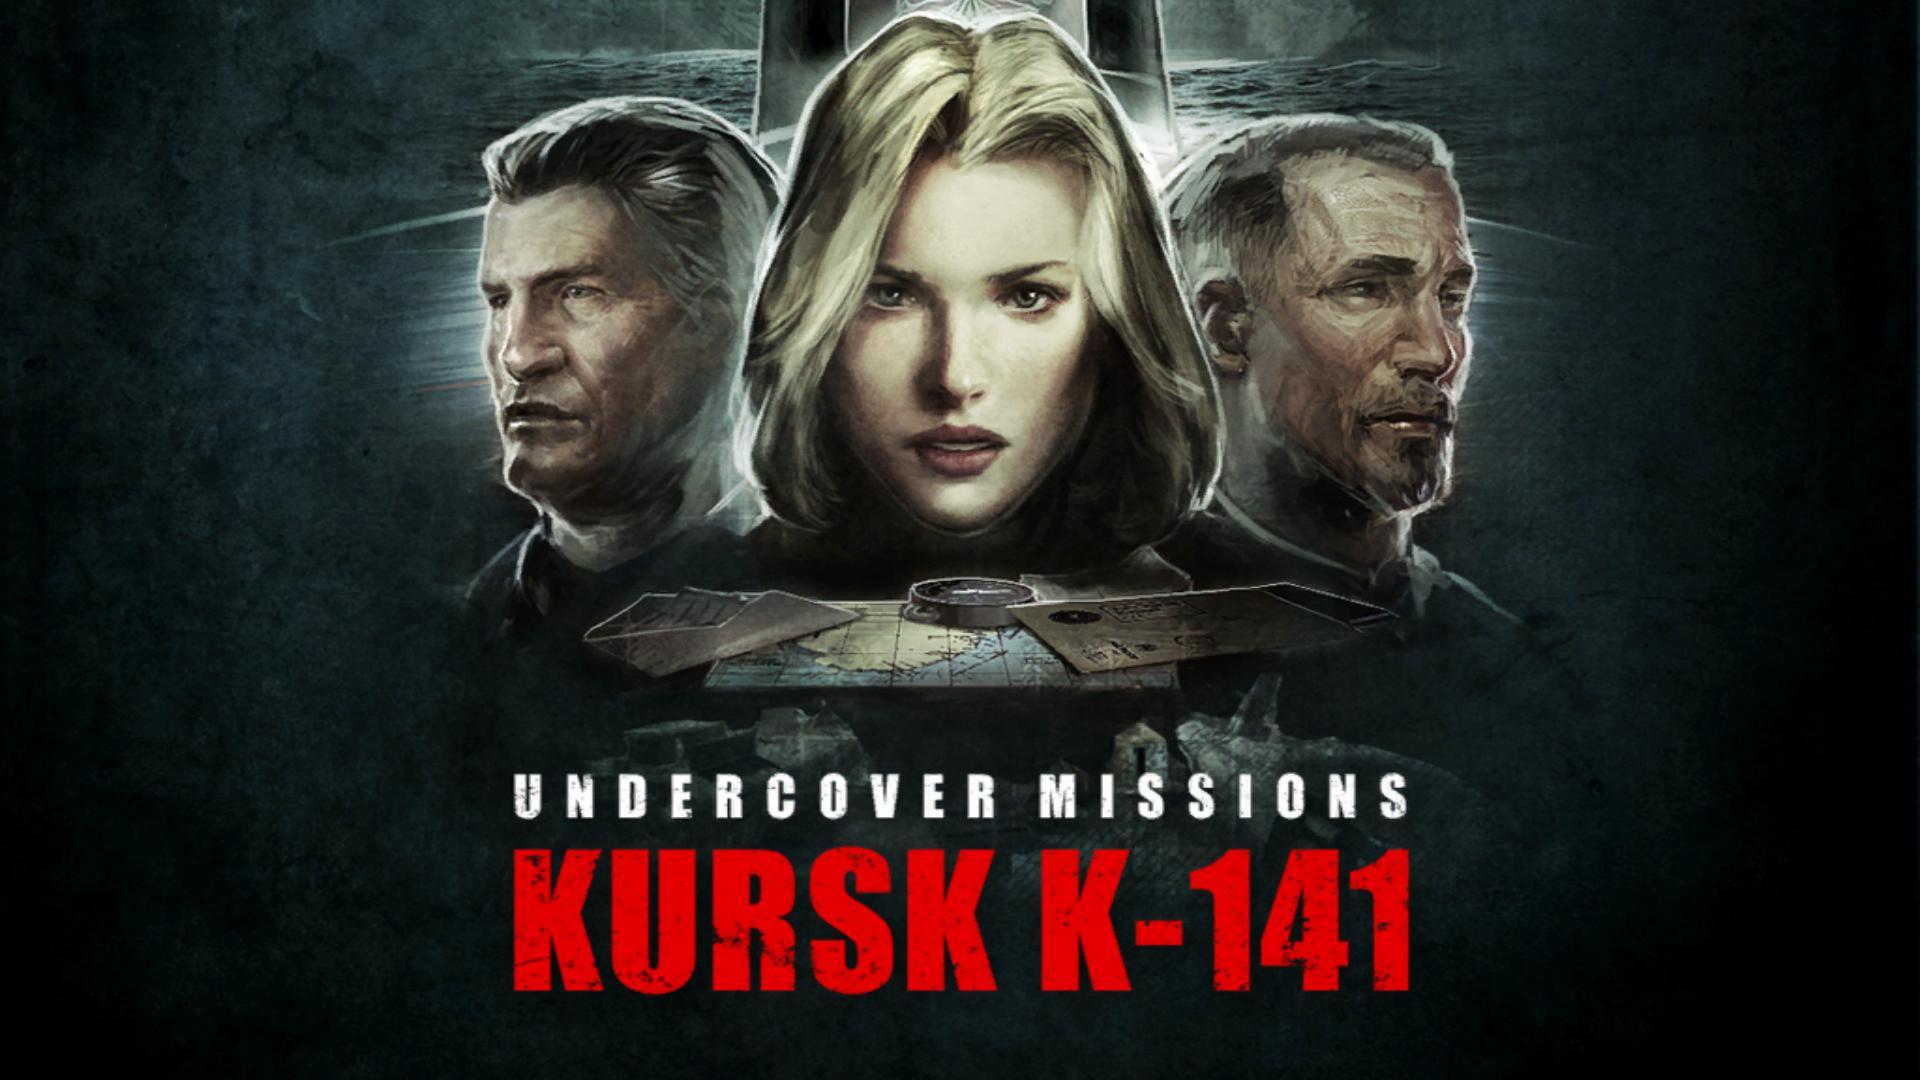 Секретные миссии: Операция Курск К-141   Undercover Missions: Operation Kursk K-141 (Rus)